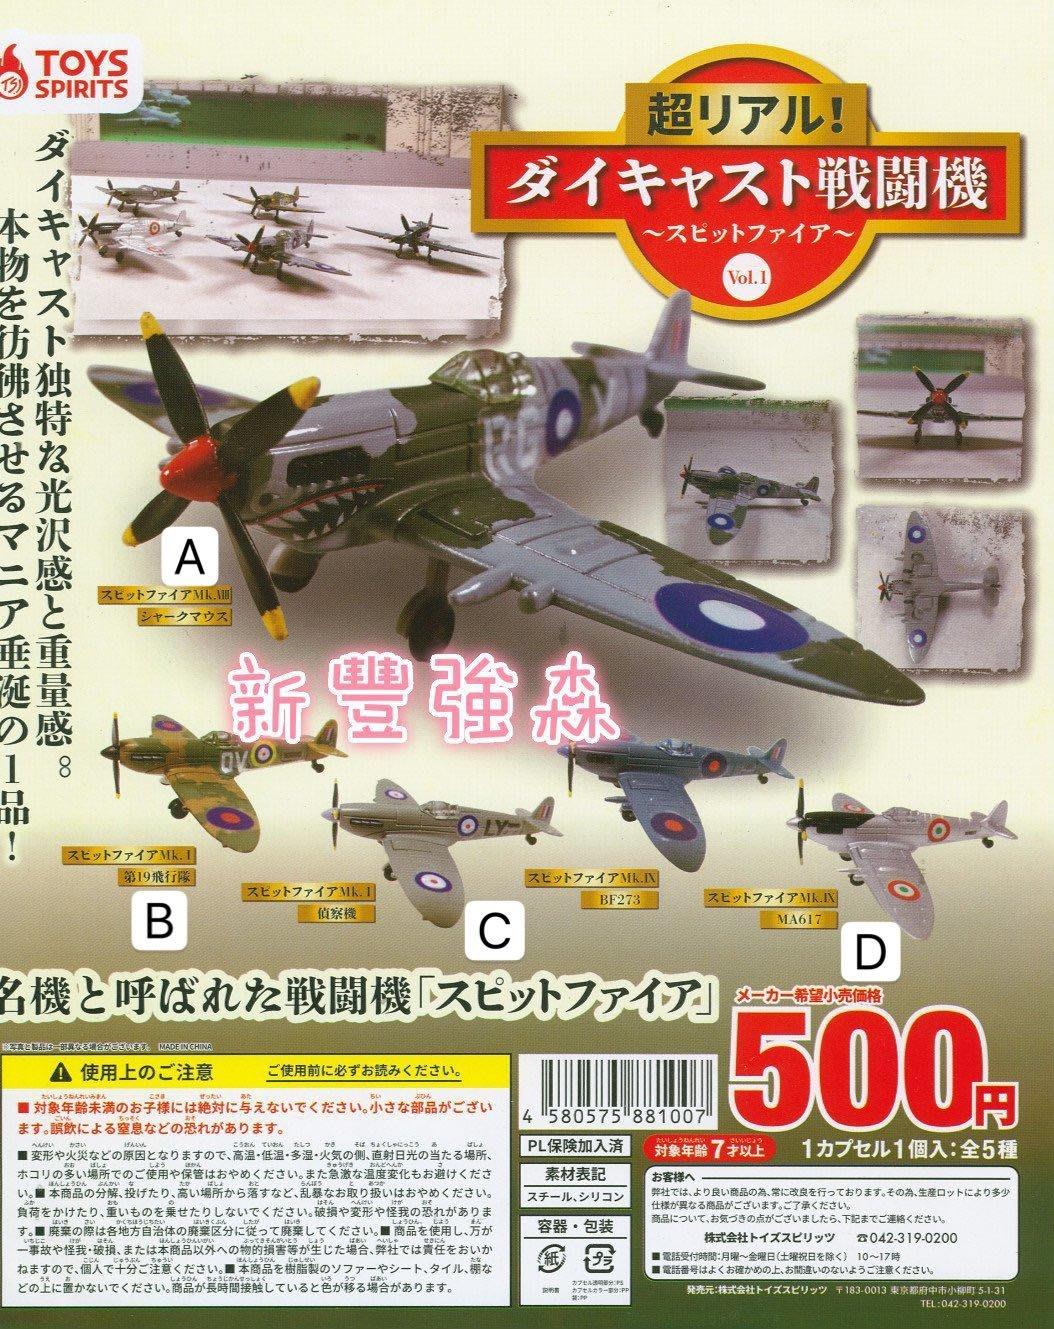 強森扭蛋 現貨 轉蛋 扭蛋 TOYS SPIRITS 超逼真合金戰鬥機 戰鬥機 合金 飛機 全5種